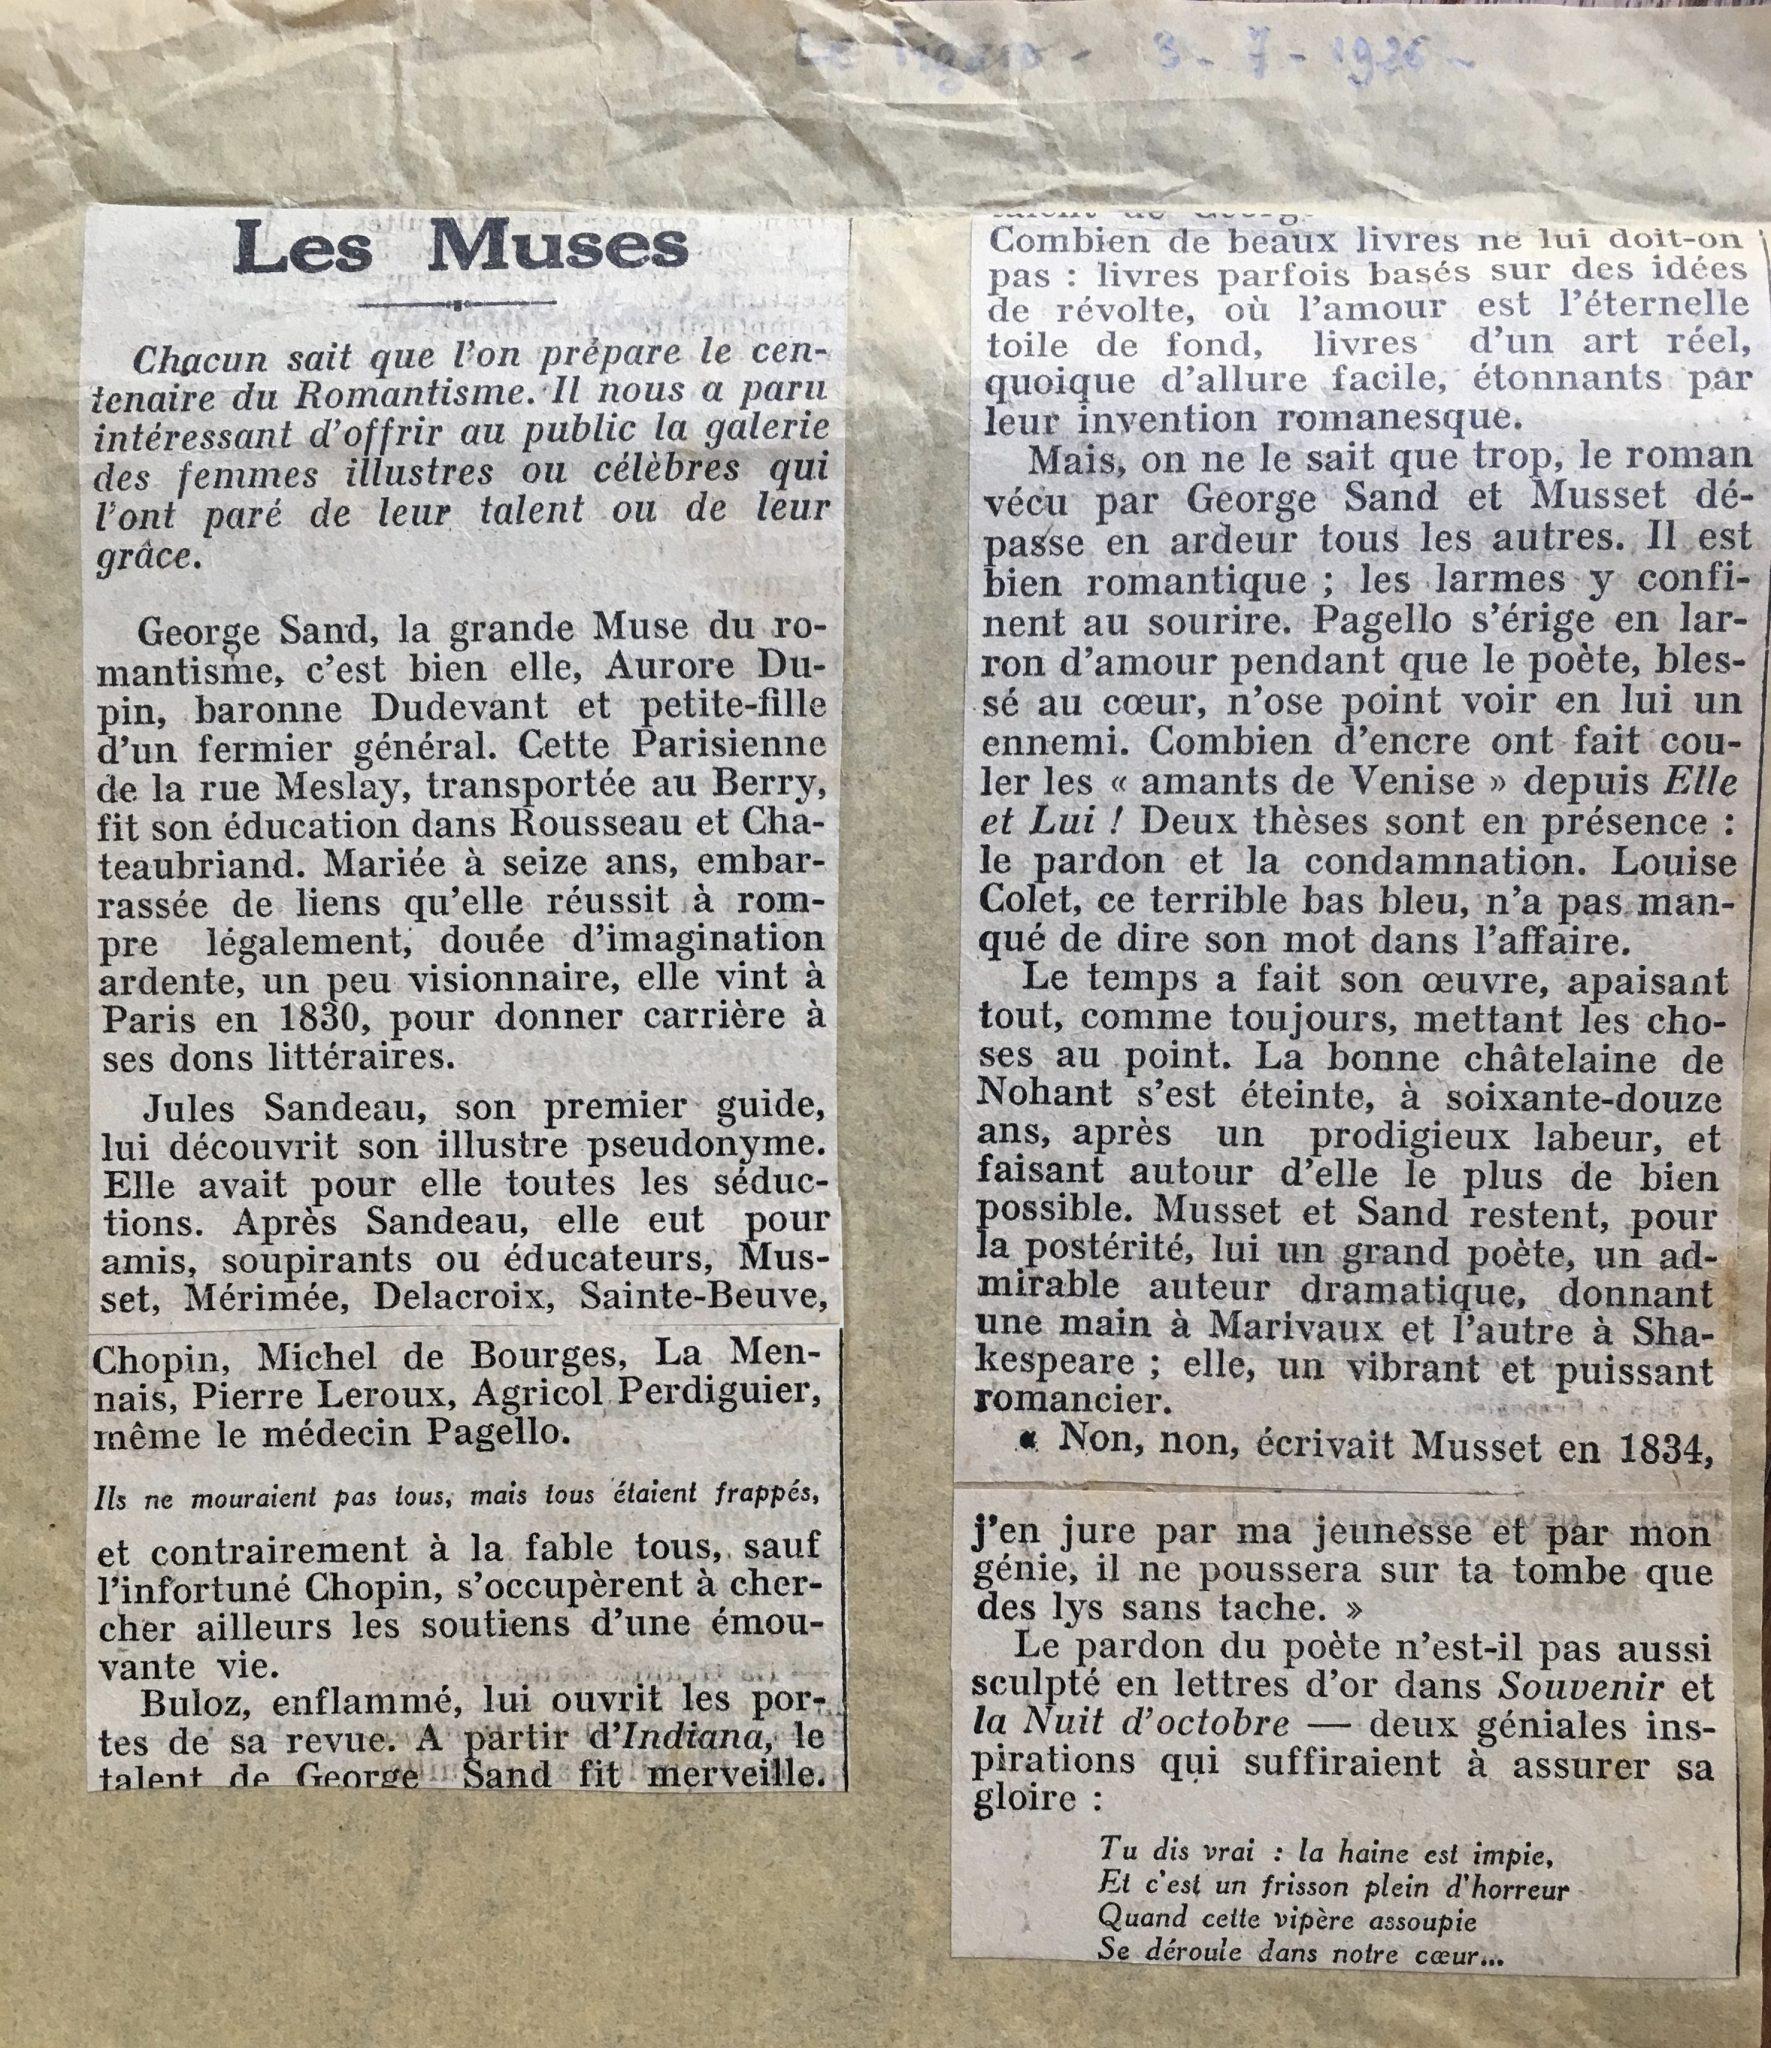 Le Figaro 1926